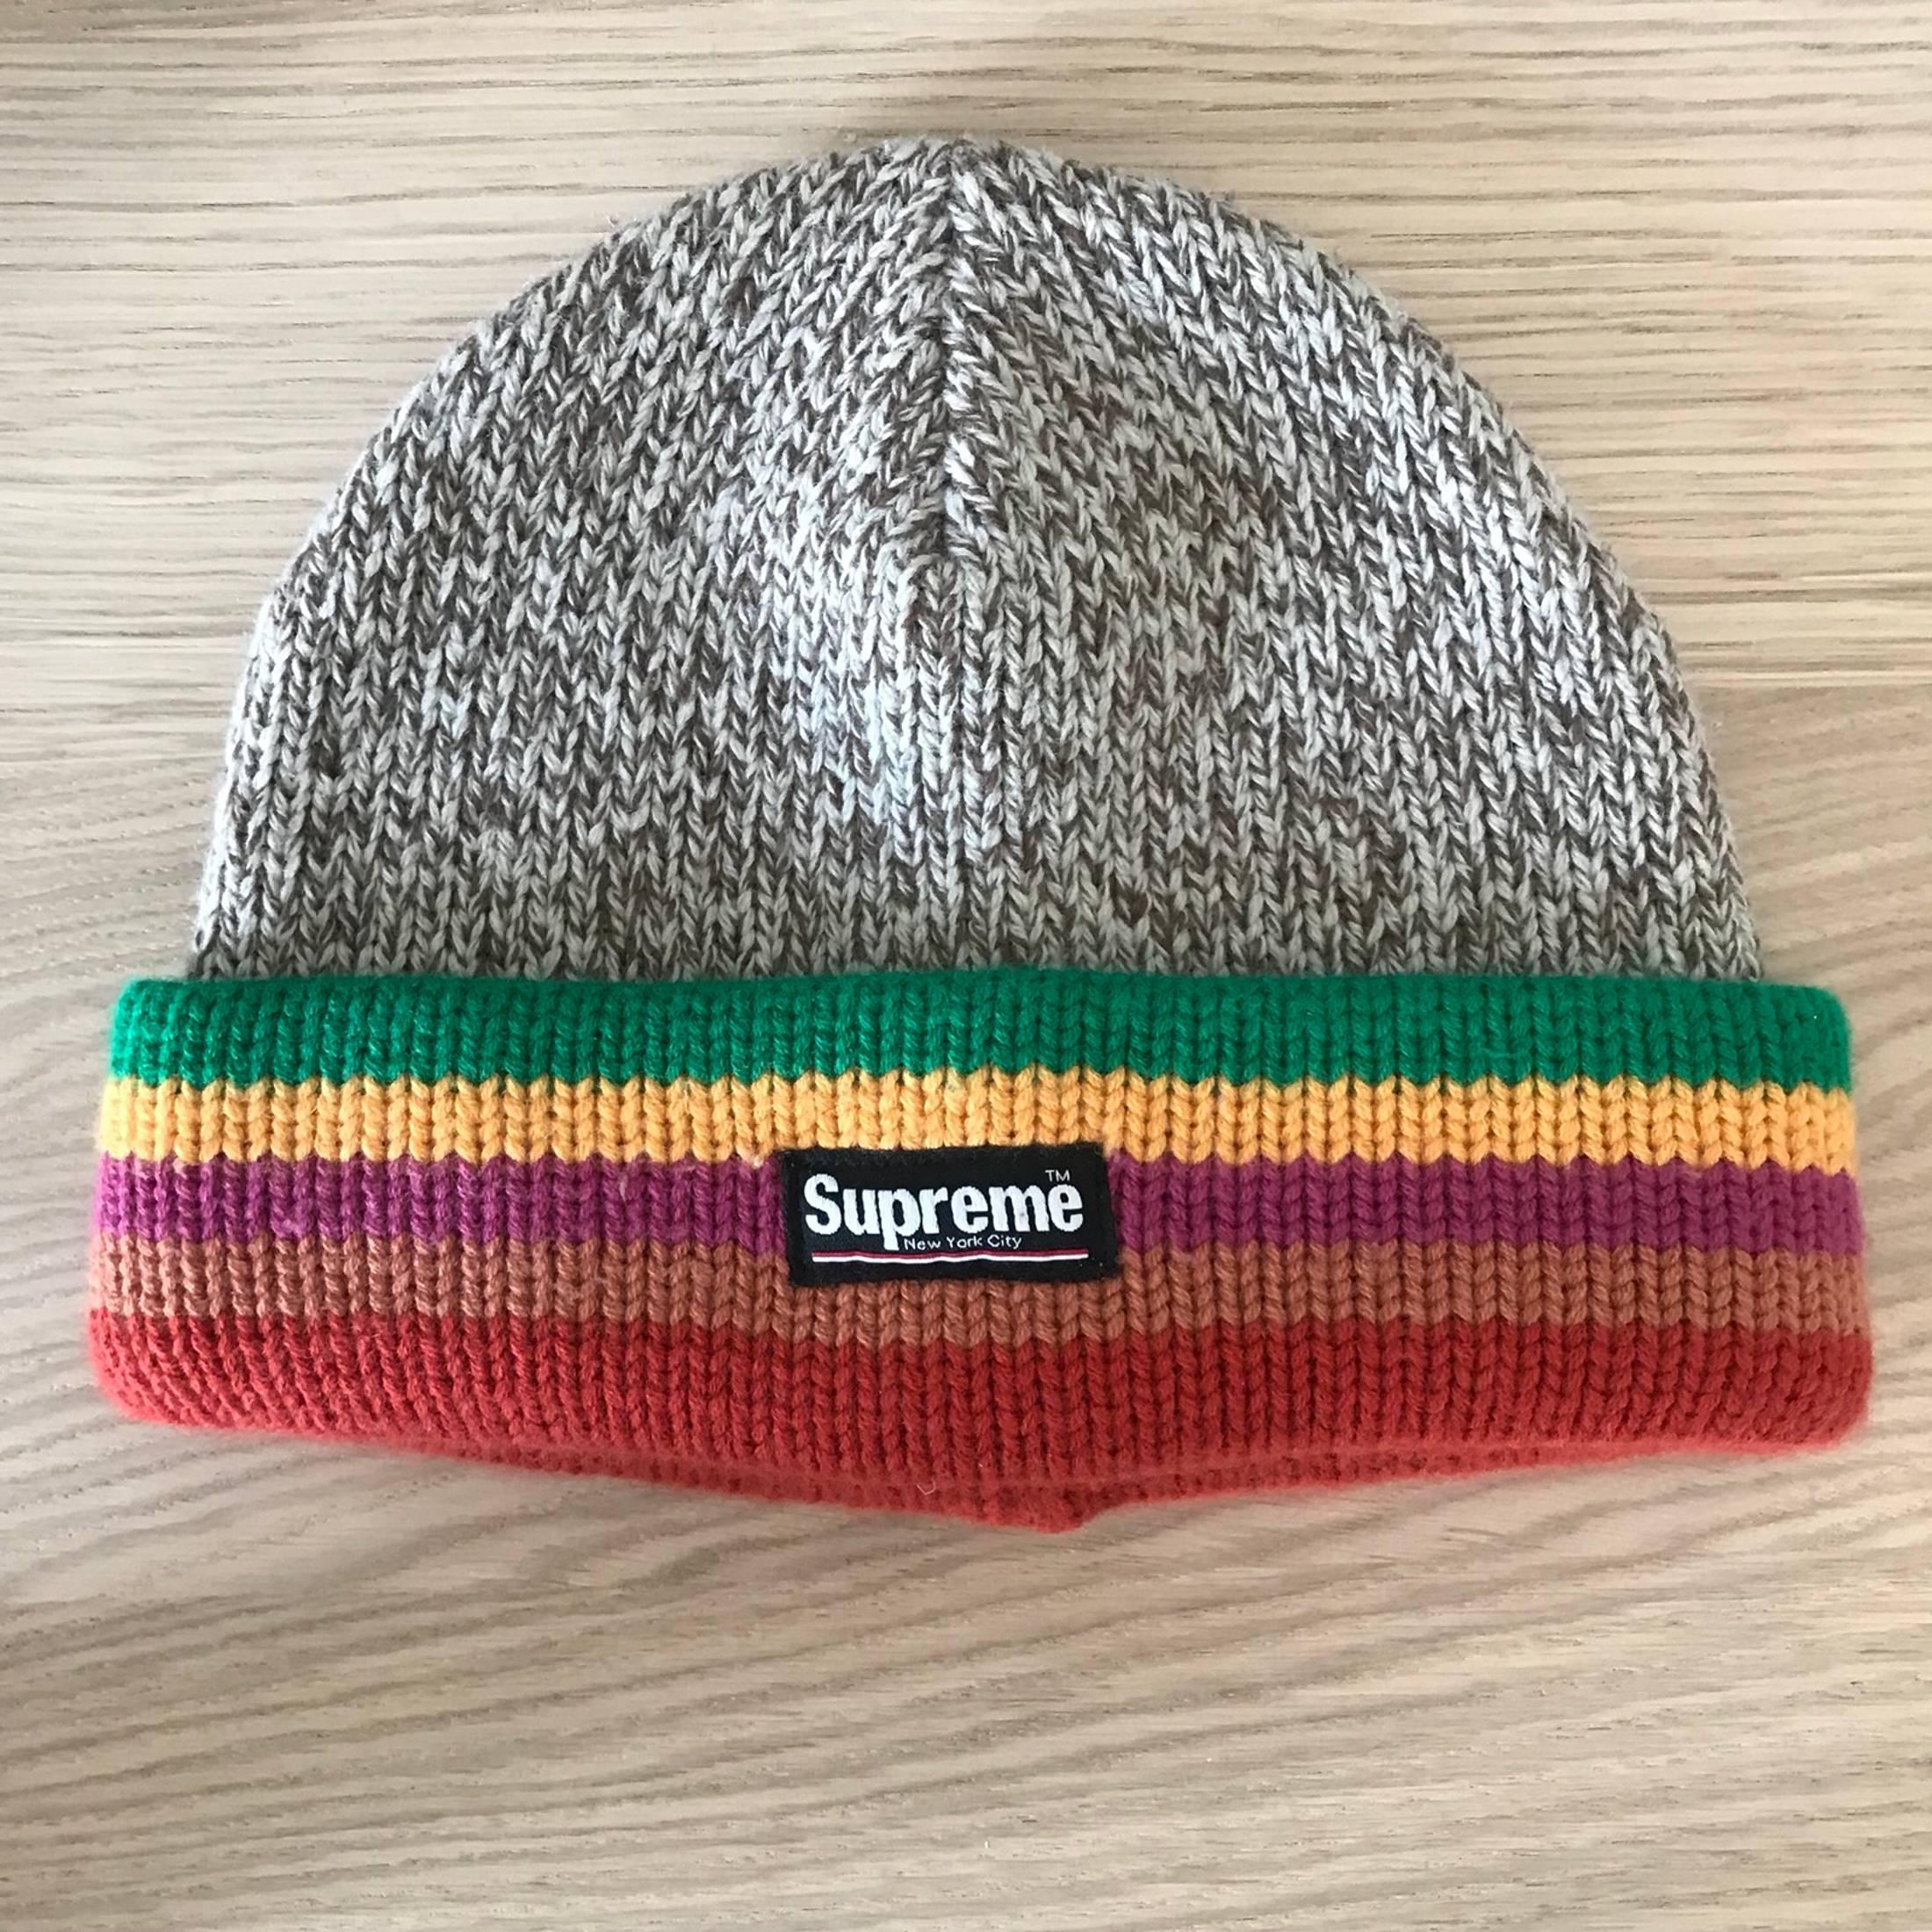 2e292d18bde Supreme ×. Supreme Ragg Wool Beanie